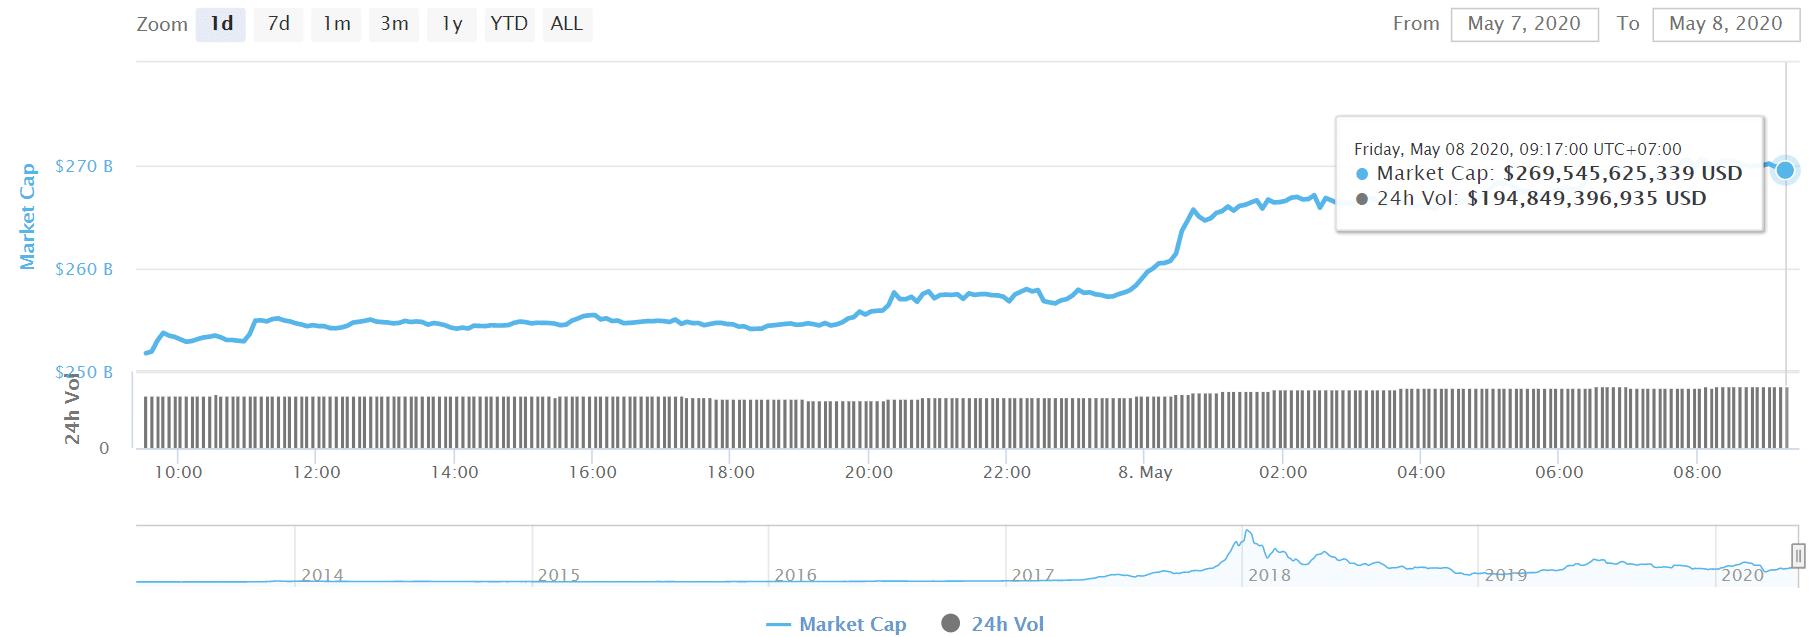 Tổng vốn hóa thị trường tiền ảo